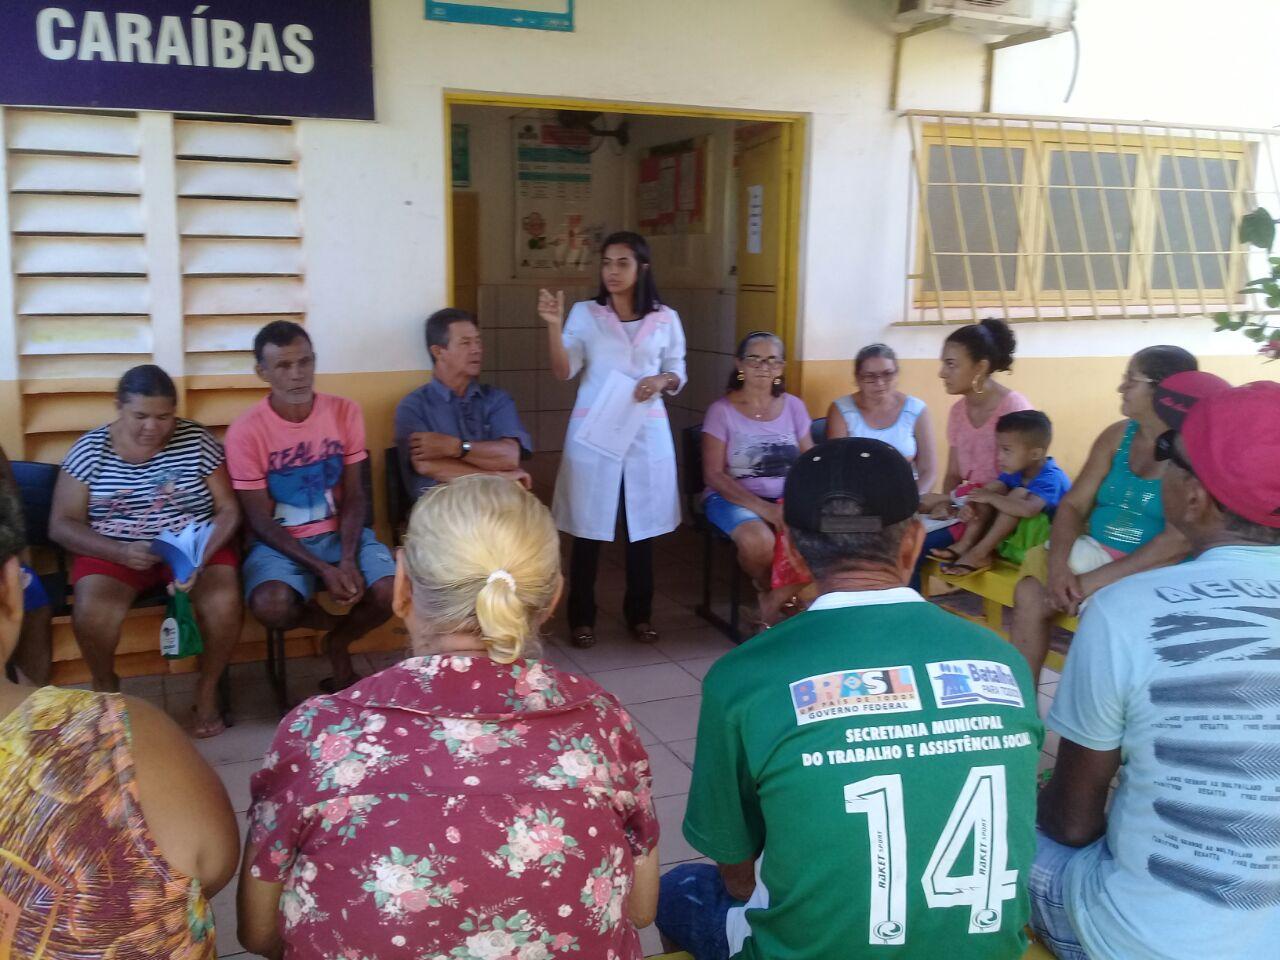 Equipe de Saúde da Família realiza campanha de vacinação com os idosos em Caraíbas